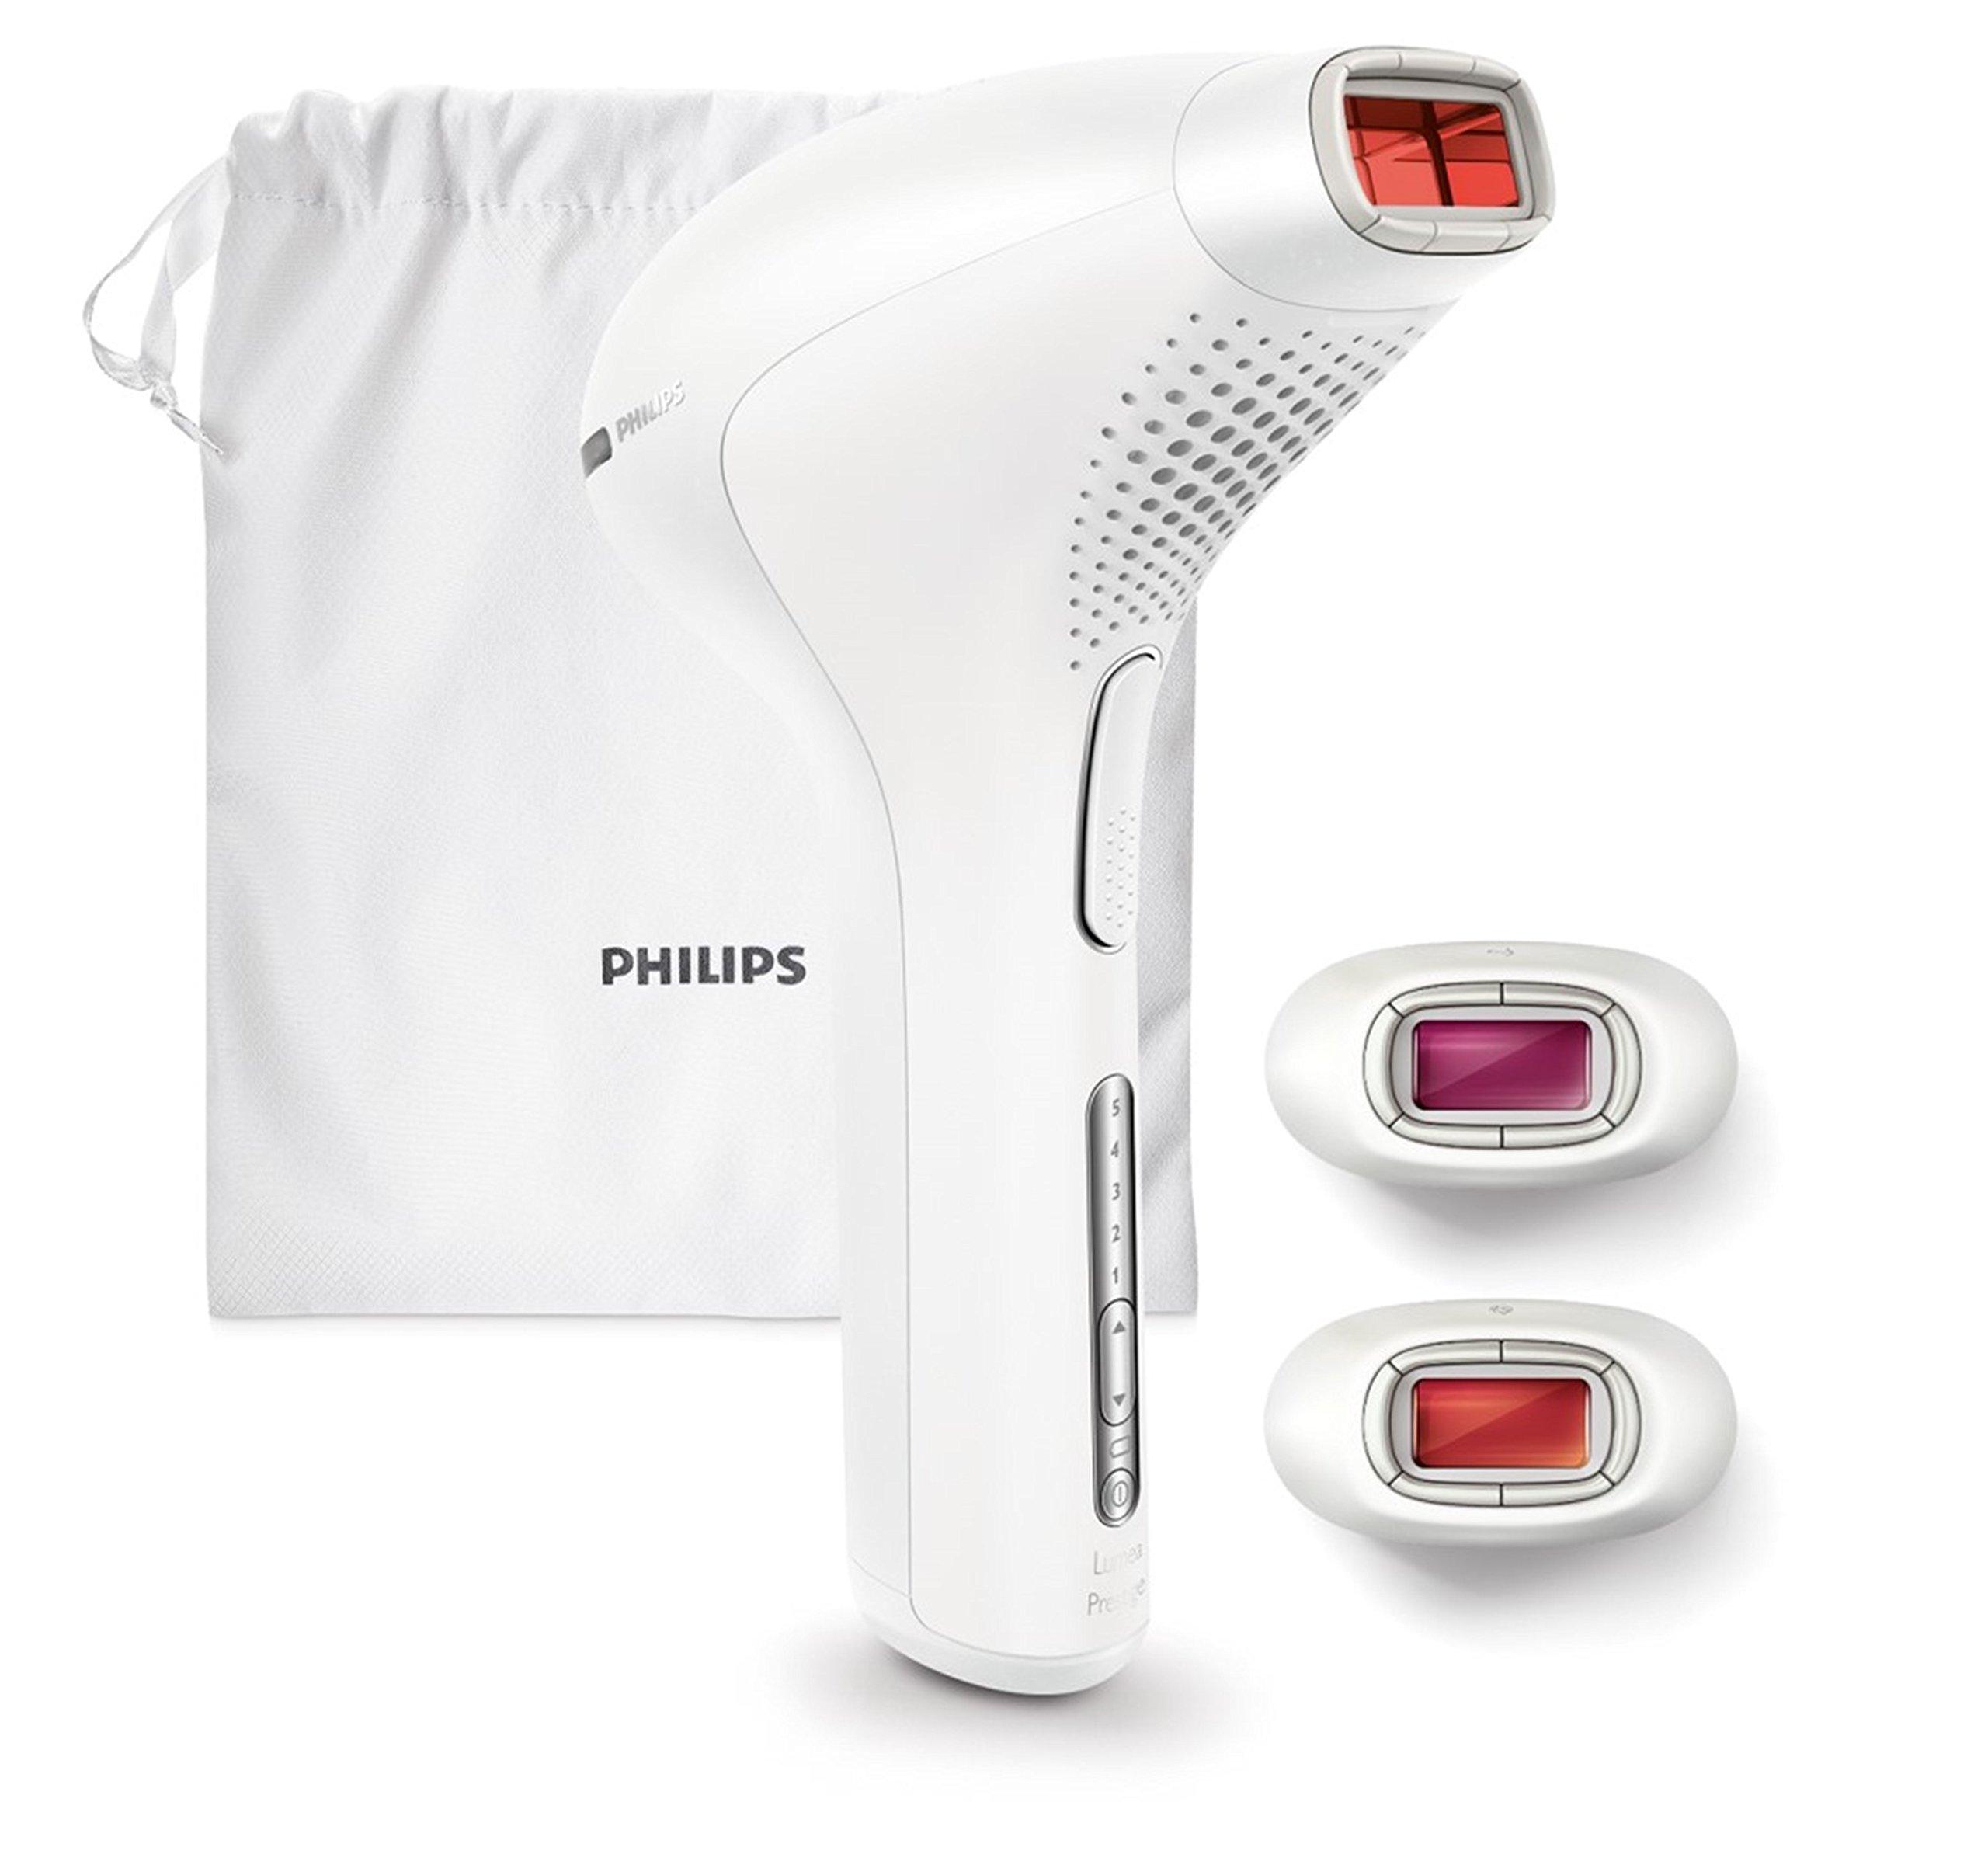 Philips SC2009/00 Lumea Prestige Epilateur à lumière pulsée sans fil, solution de prévention de la pilosité avec embouts visage & maillot product image